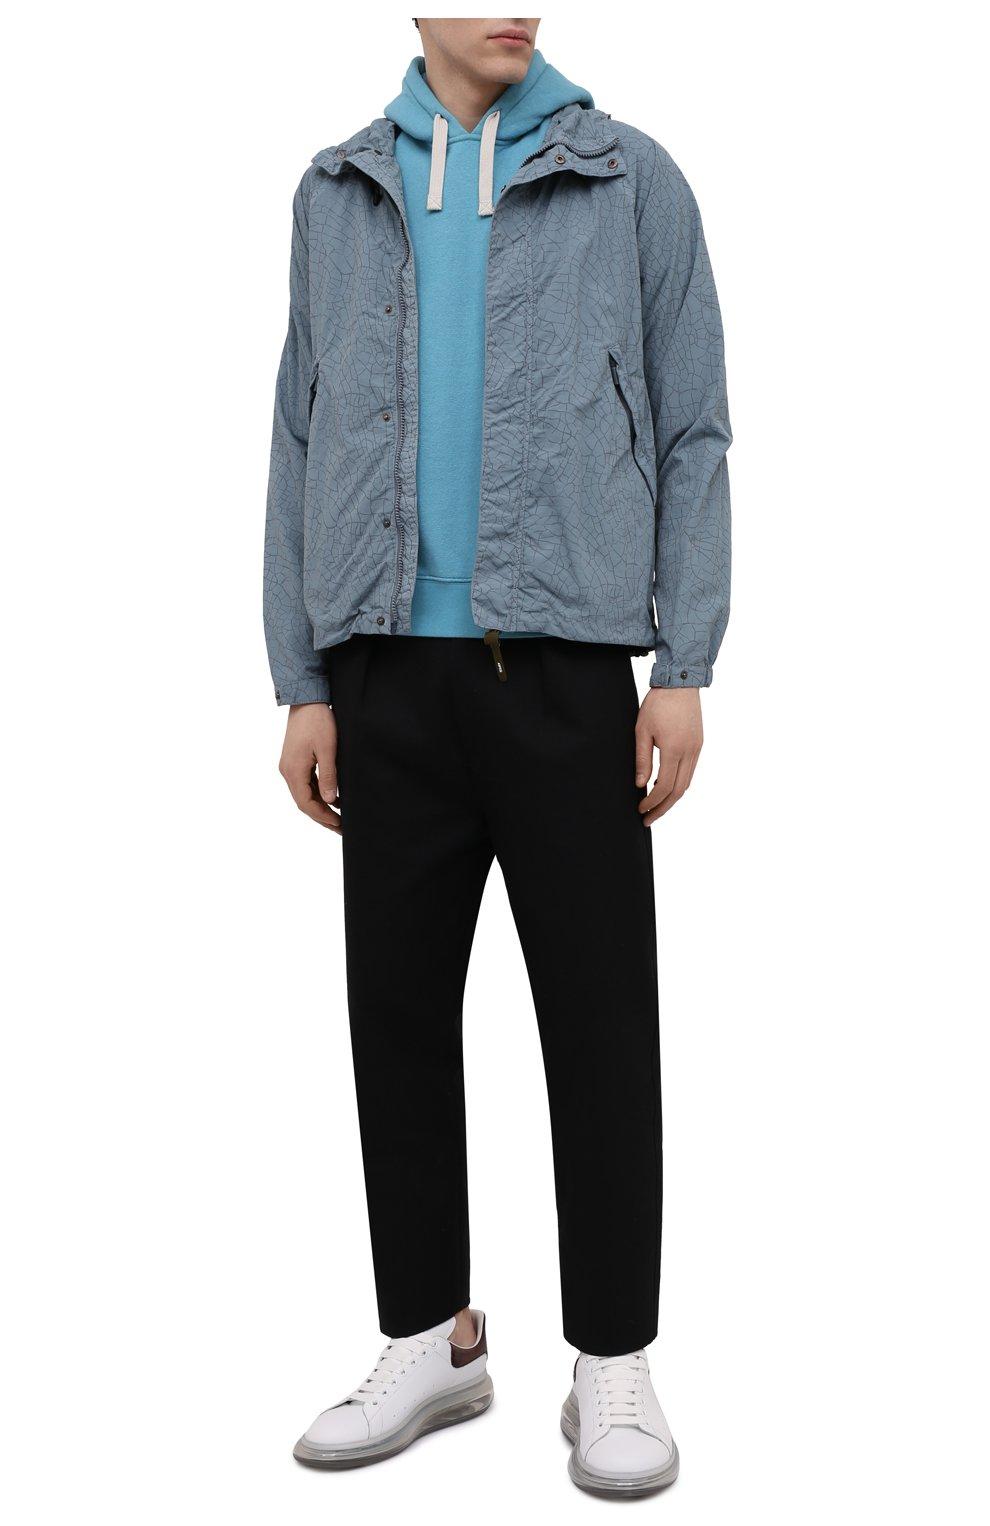 Мужская куртка ASPESI бирюзового цвета, арт. S1 I I116 G402   Фото 2 (Кросс-КТ: Куртка, Ветровка; Рукава: Длинные; Материал внешний: Синтетический материал; Длина (верхняя одежда): Короткие; Стили: Кэжуэл)